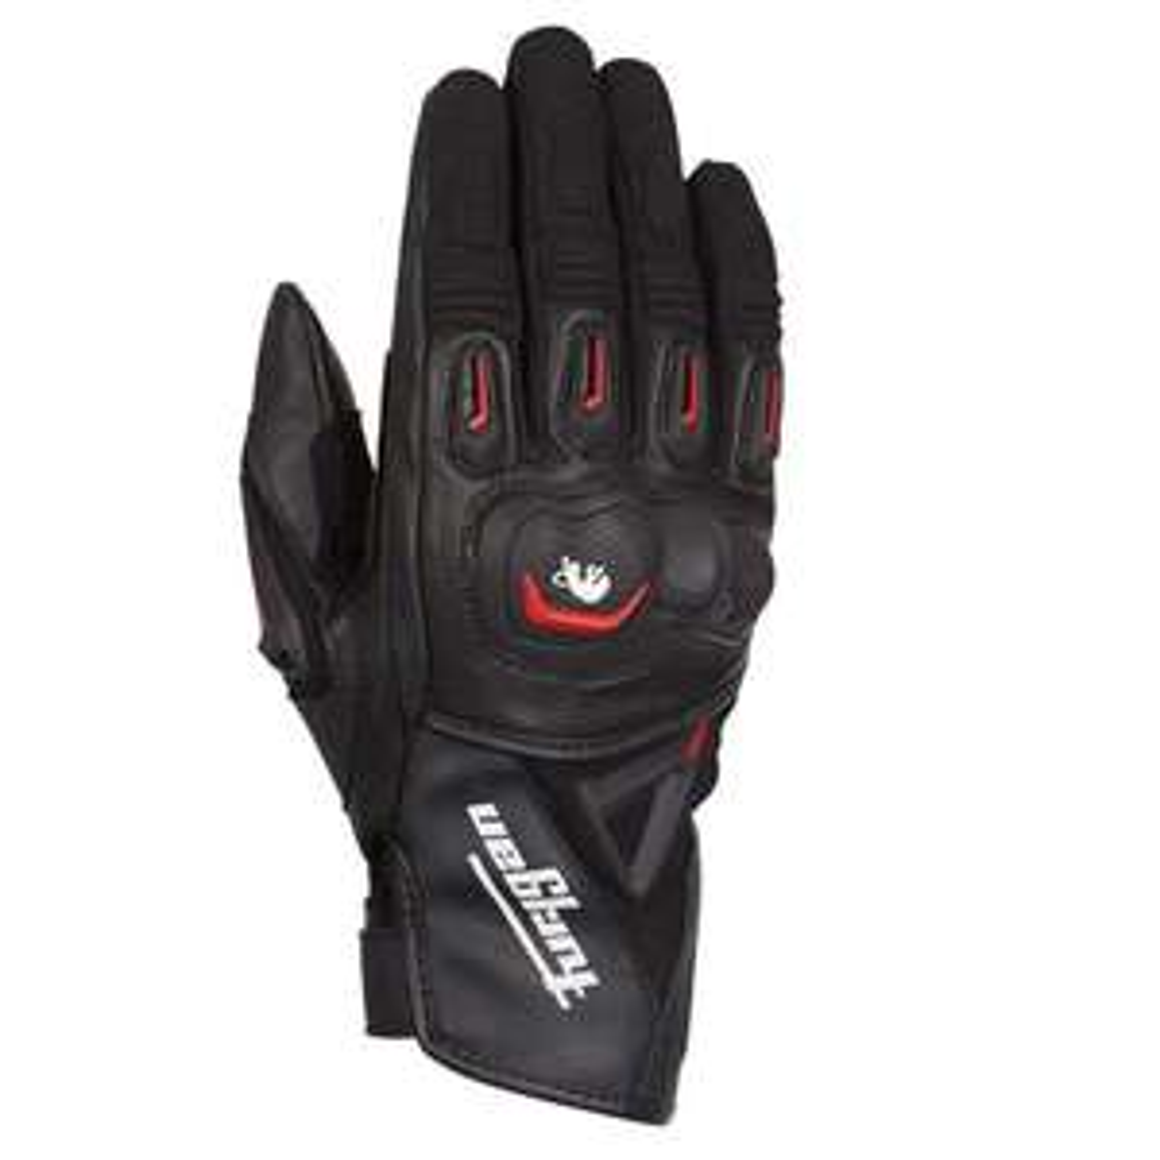 Gants moto Furygan Volt - Rouge et Noir, Taille L